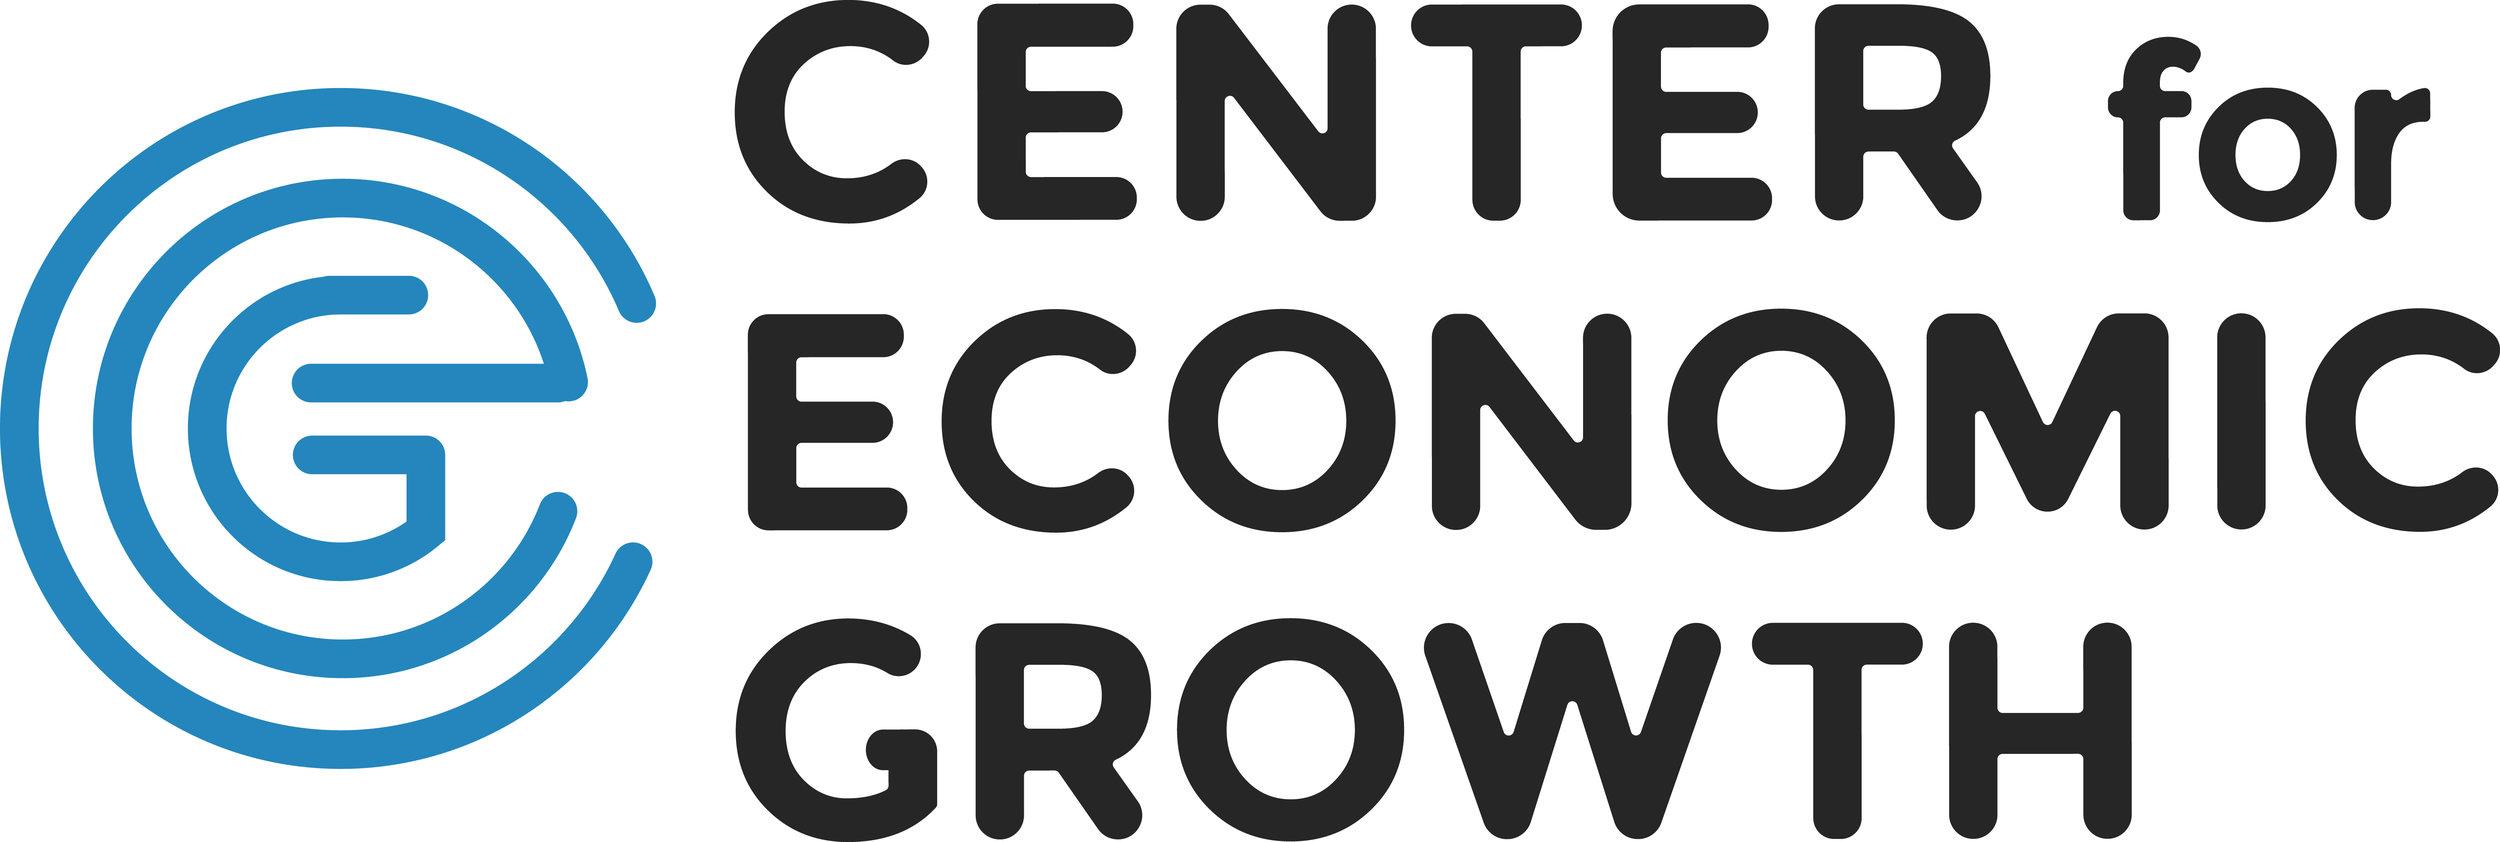 CEG-brand logo-main-CMYK.JPG